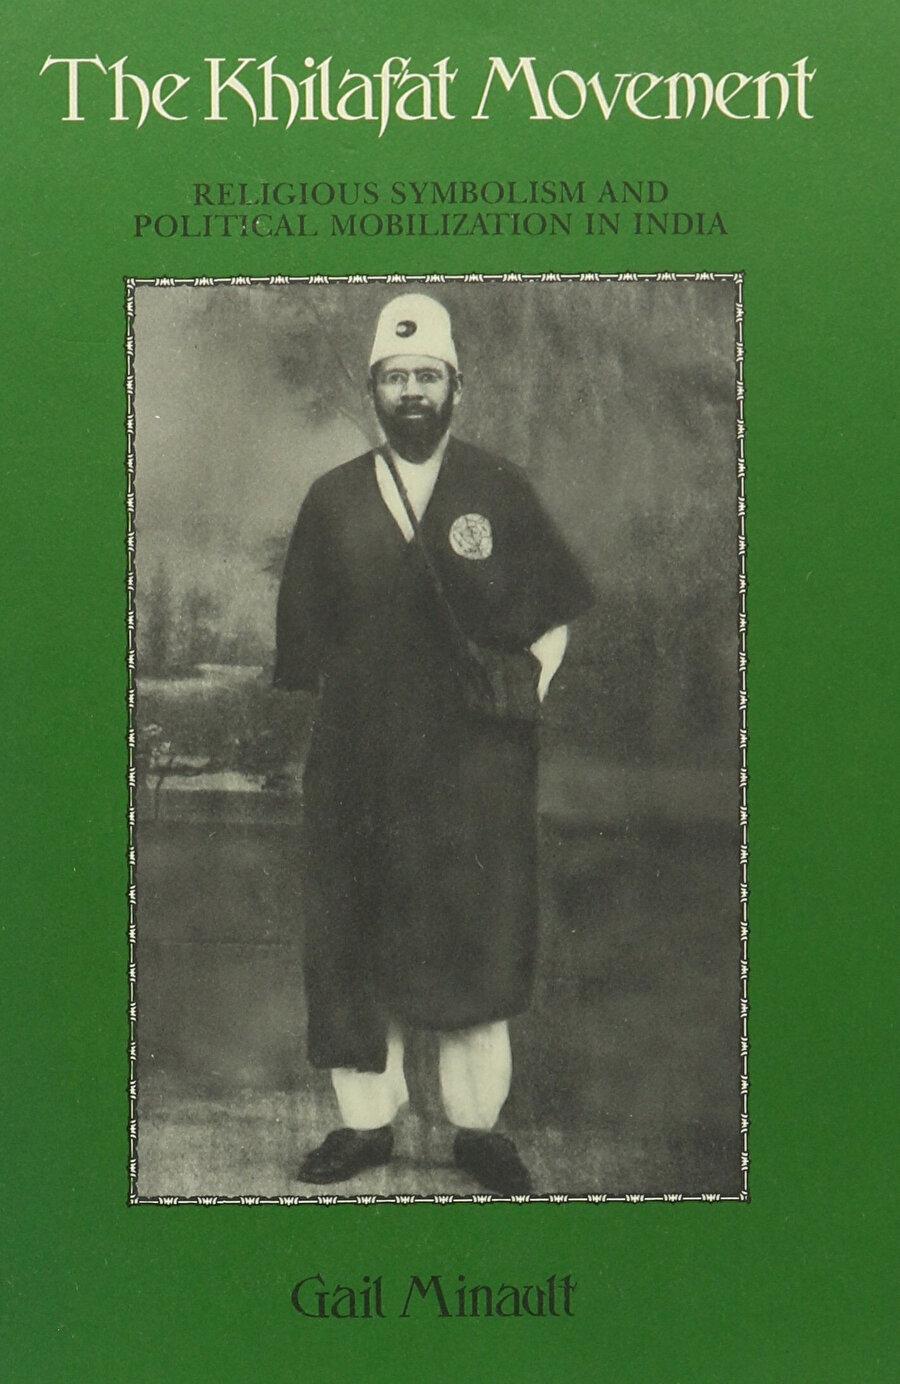 Kapağında Muhammed Ali Cevher'in bulunduğu, Hilâfet Hareketi'ni anlatan bir kitap.